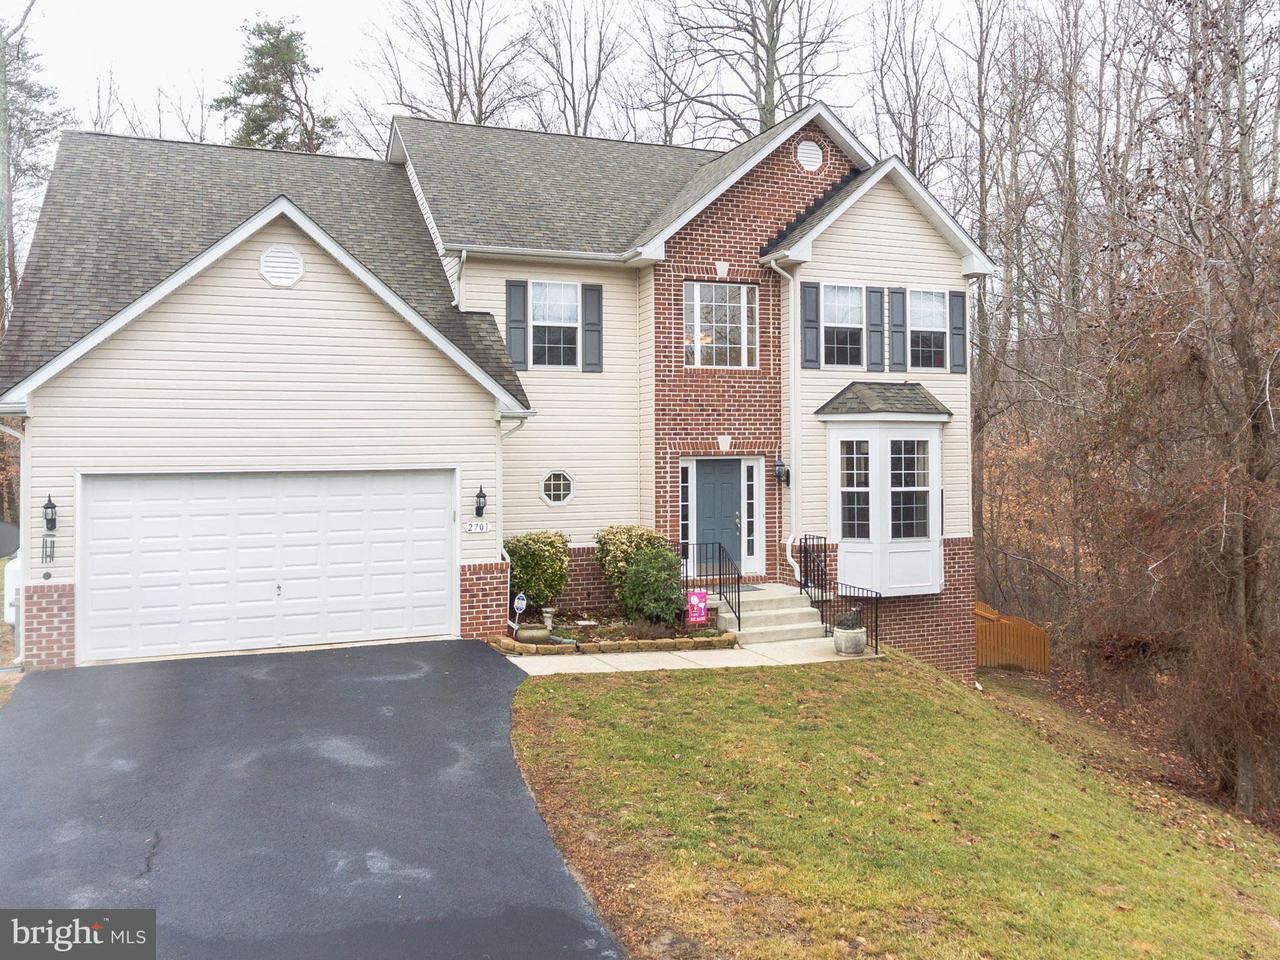 一戸建て のために 売買 アット 2701 Carrington Court 2701 Carrington Court Sunderland, メリーランド 20689 アメリカ合衆国